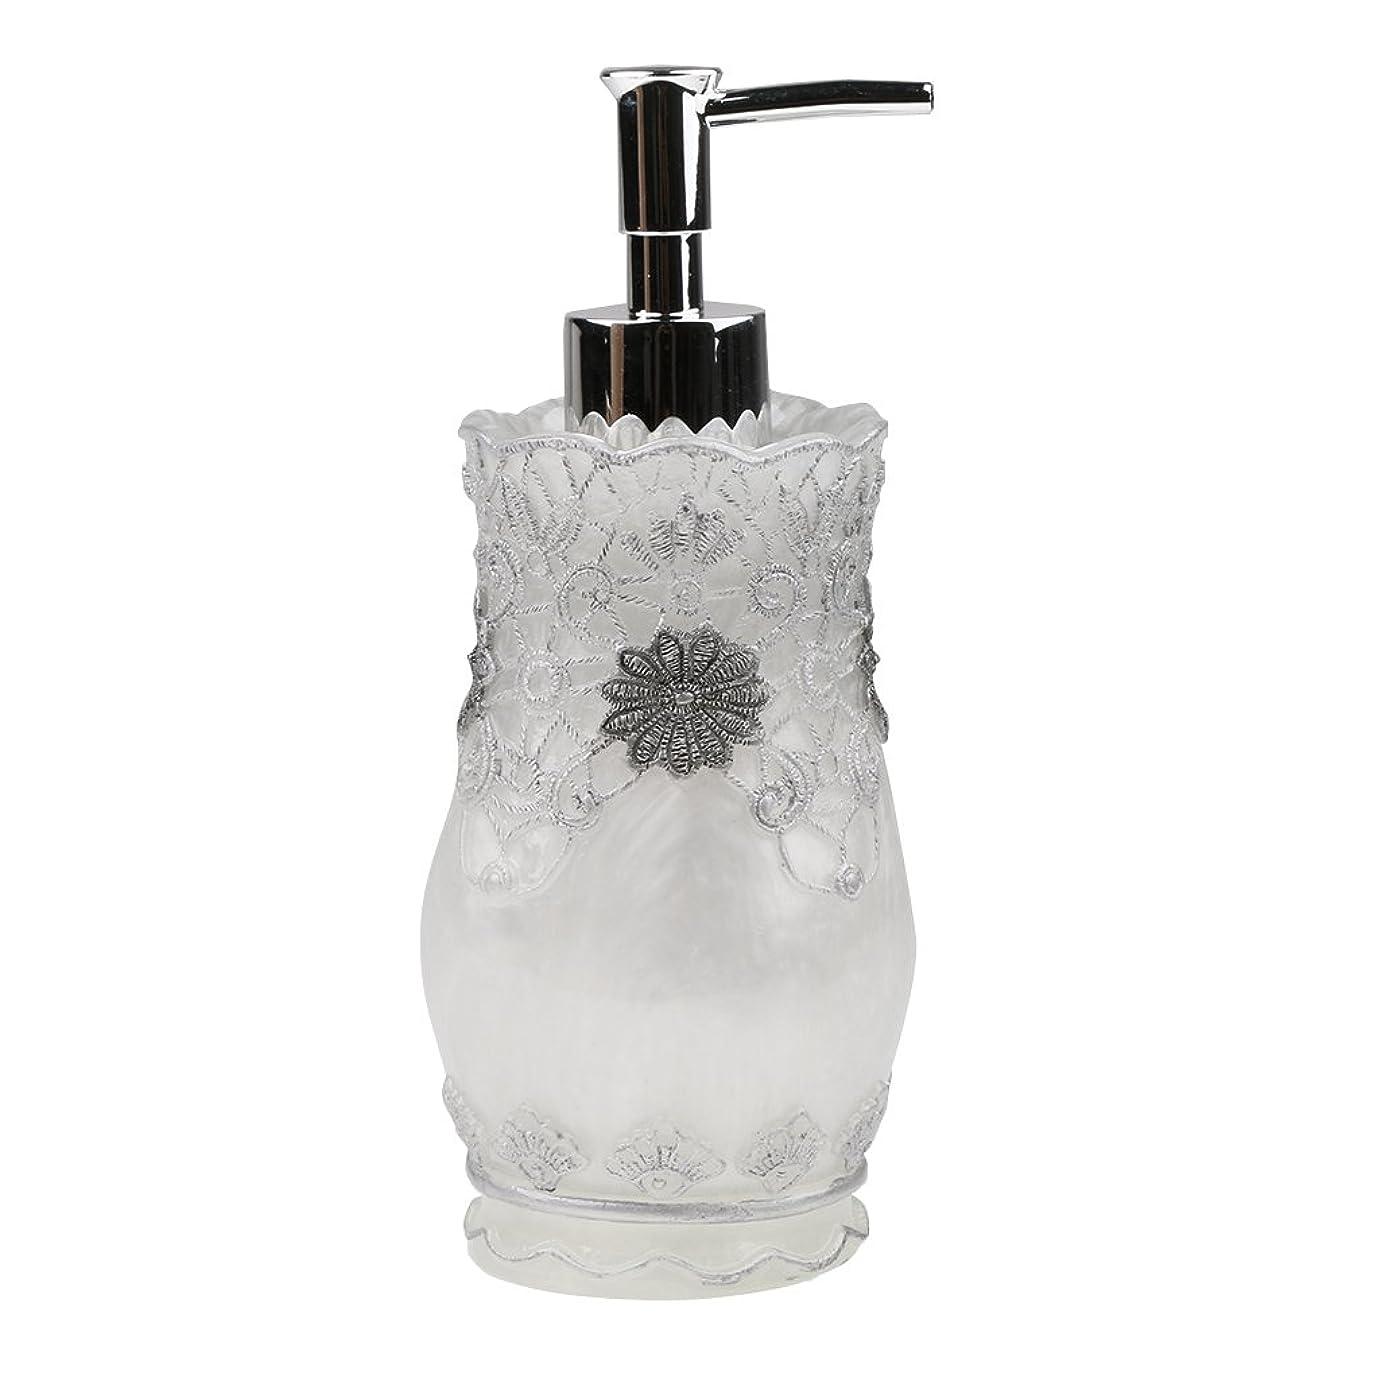 側溝が欲しい湿原Homyl 液体ソープ シャンプー用 空 シャンプー ボトル  詰め替えボトル 美しい エレガント デザイン  全4種類 - #2